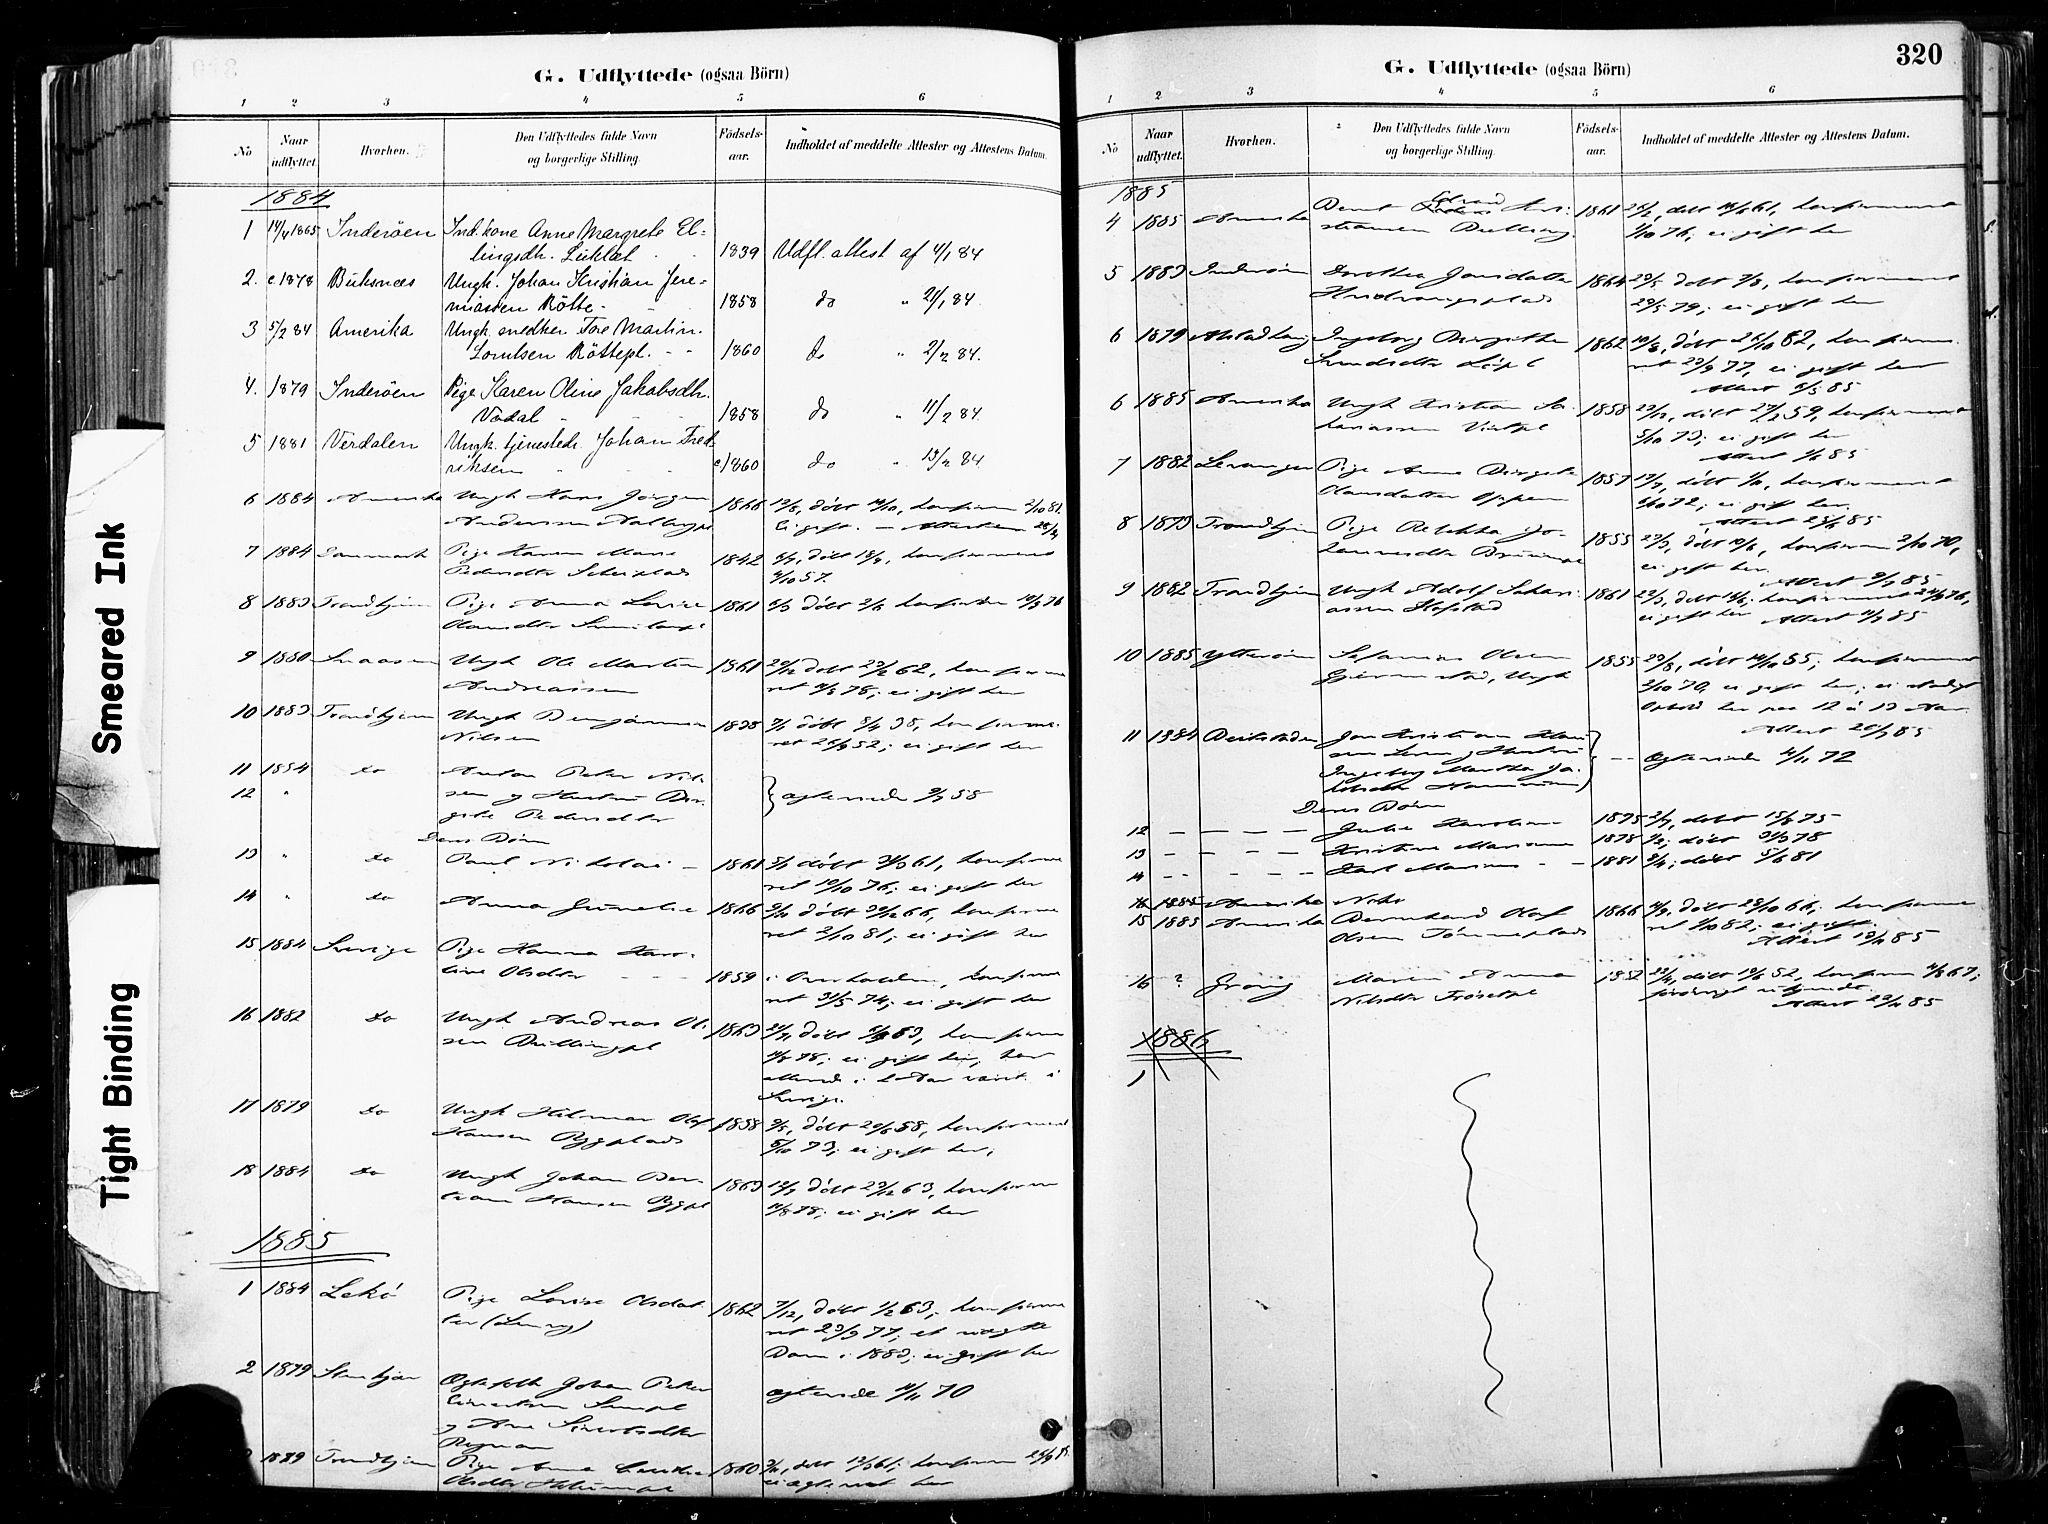 SAT, Ministerialprotokoller, klokkerbøker og fødselsregistre - Nord-Trøndelag, 735/L0351: Ministerialbok nr. 735A10, 1884-1908, s. 320